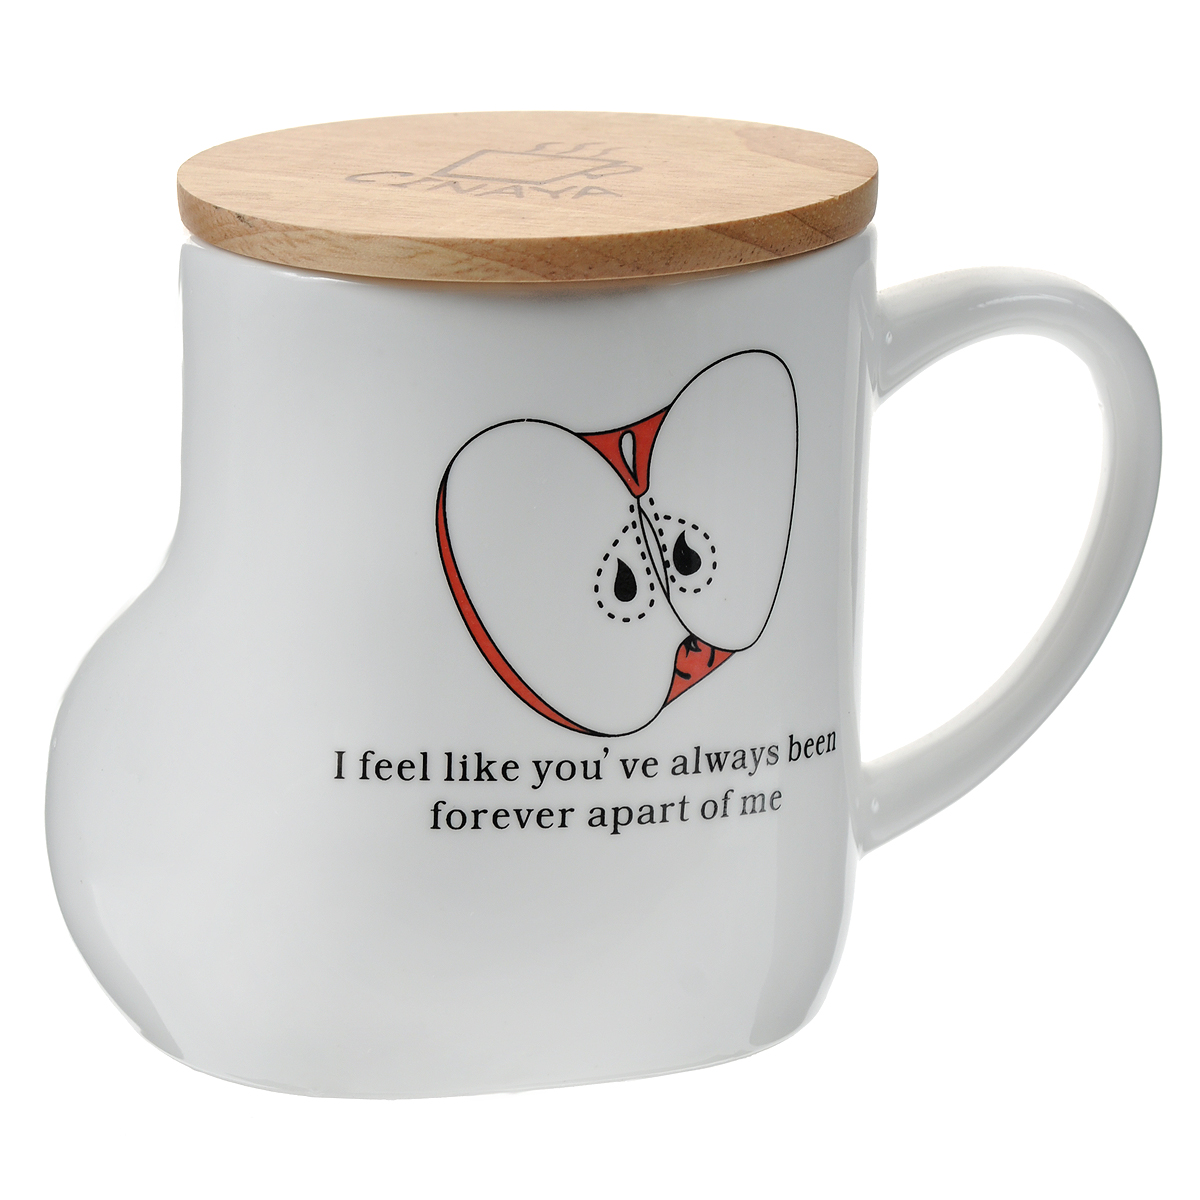 """Кружка """"Яблоко"""" необычной формы выполнена из керамики в виде валенка и оформлена изображением яблока и надписями на английском языке. Она станет отличным подарком для человека, ценящего забавные и практичные вещи. В комплекте бамбуковая крышка.   Такой подарок станет не только приятным, но и практичным сувениром, а оригинальный дизайн вызовет улыбку.  Характеристики:  Материал:  керамика, бамбук. Высота кружки (без учета крышки):  10 см. Диаметр по верхнему краю: 8 см. Размер упаковки:  13,5 см х 9 см х 11 см. Артикул: 003100."""